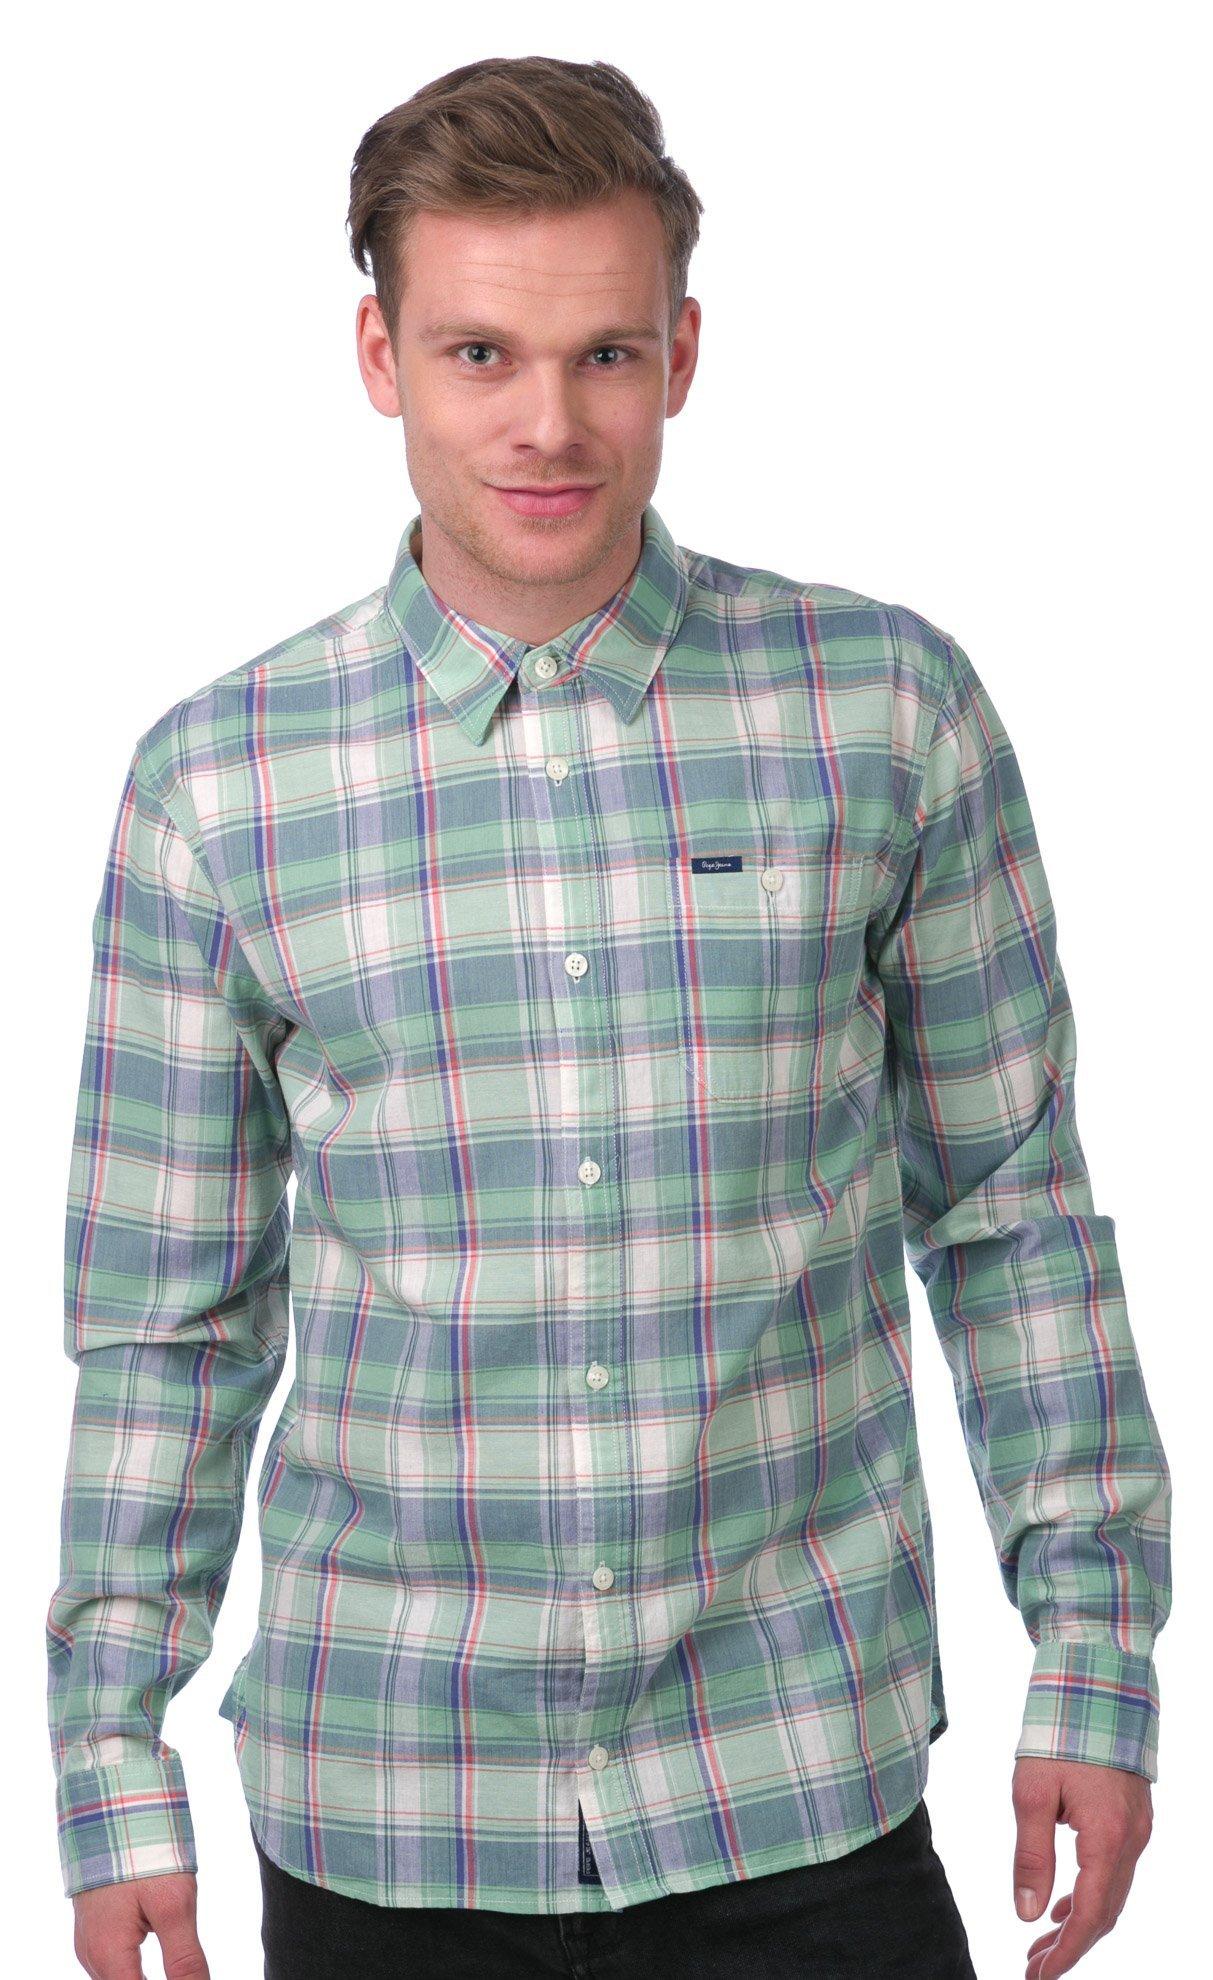 Pepe Jeans Pánská košile 991763 zelená - Glami.cz 44f27c06ca